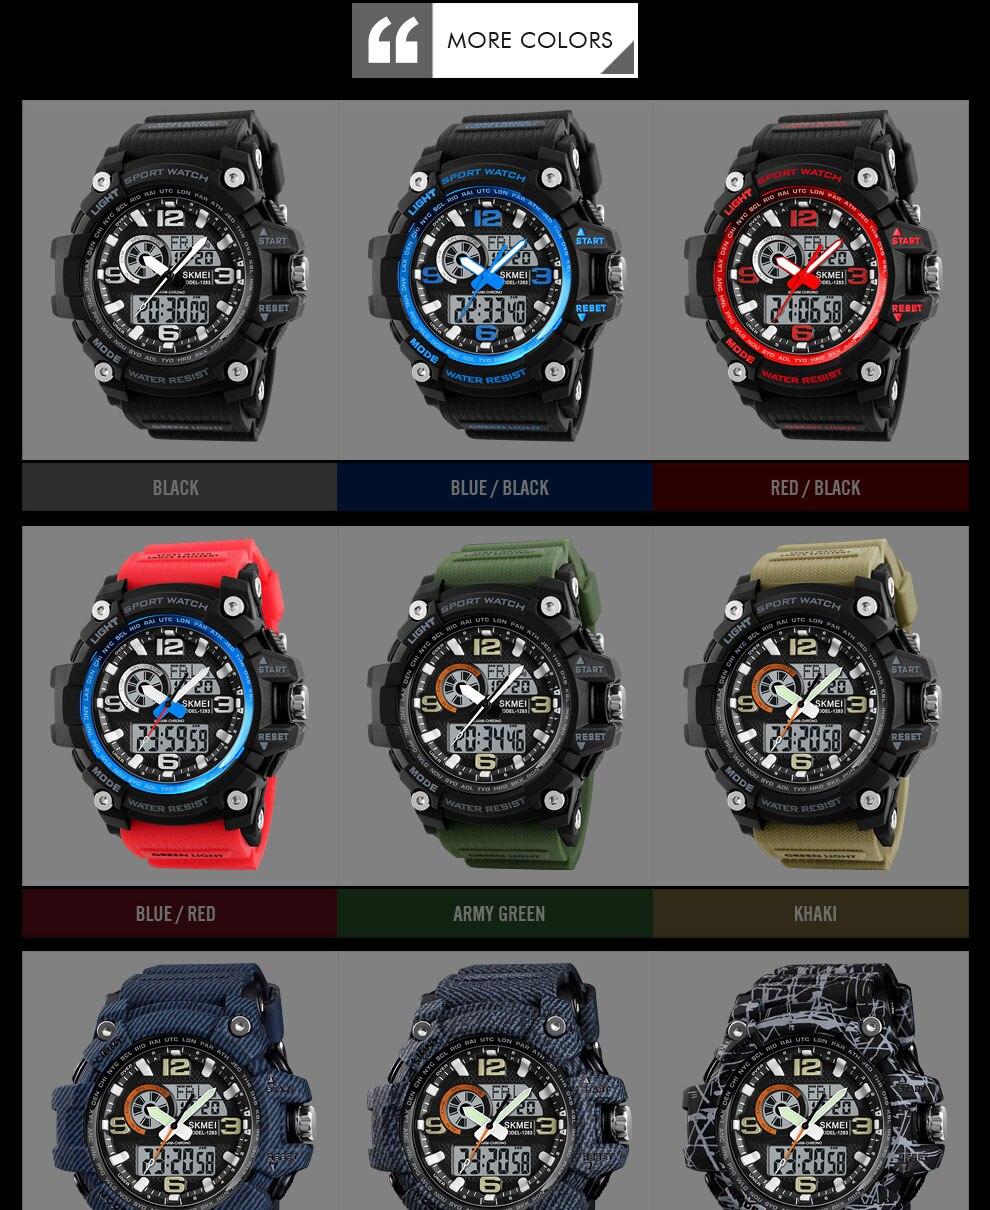 1283sport-watch1-(1)_03